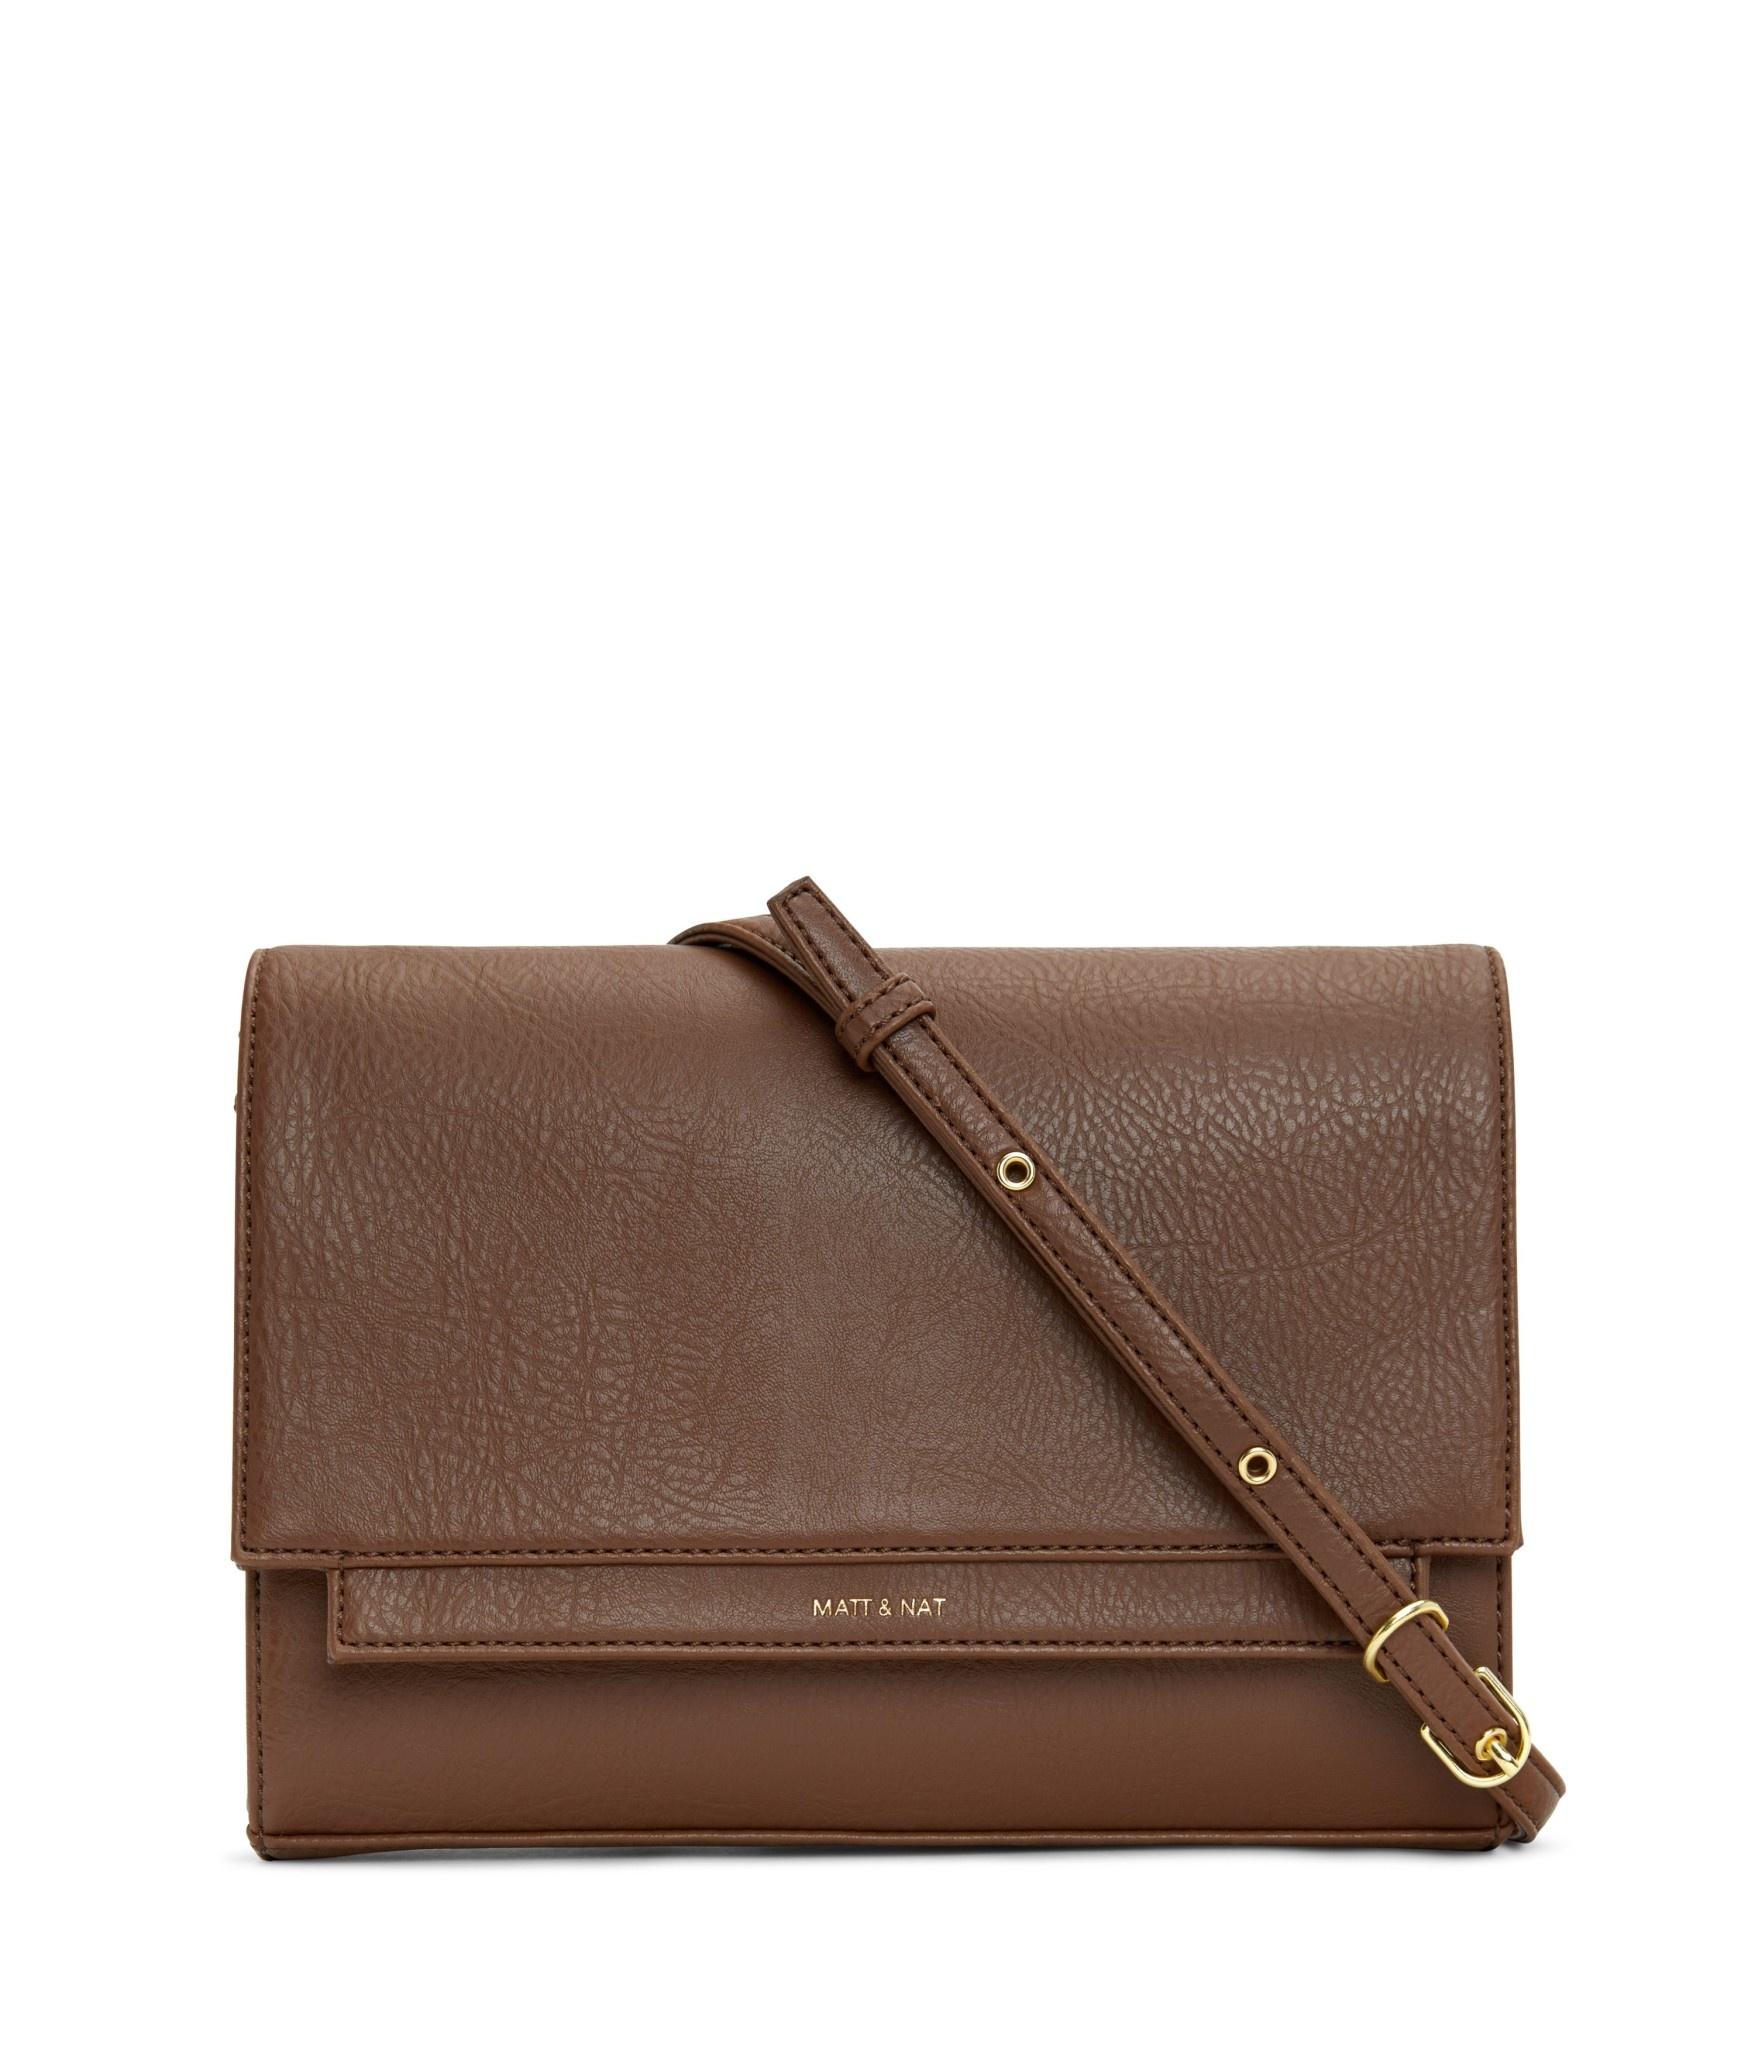 Monkland Dwell Handbag Brown-4